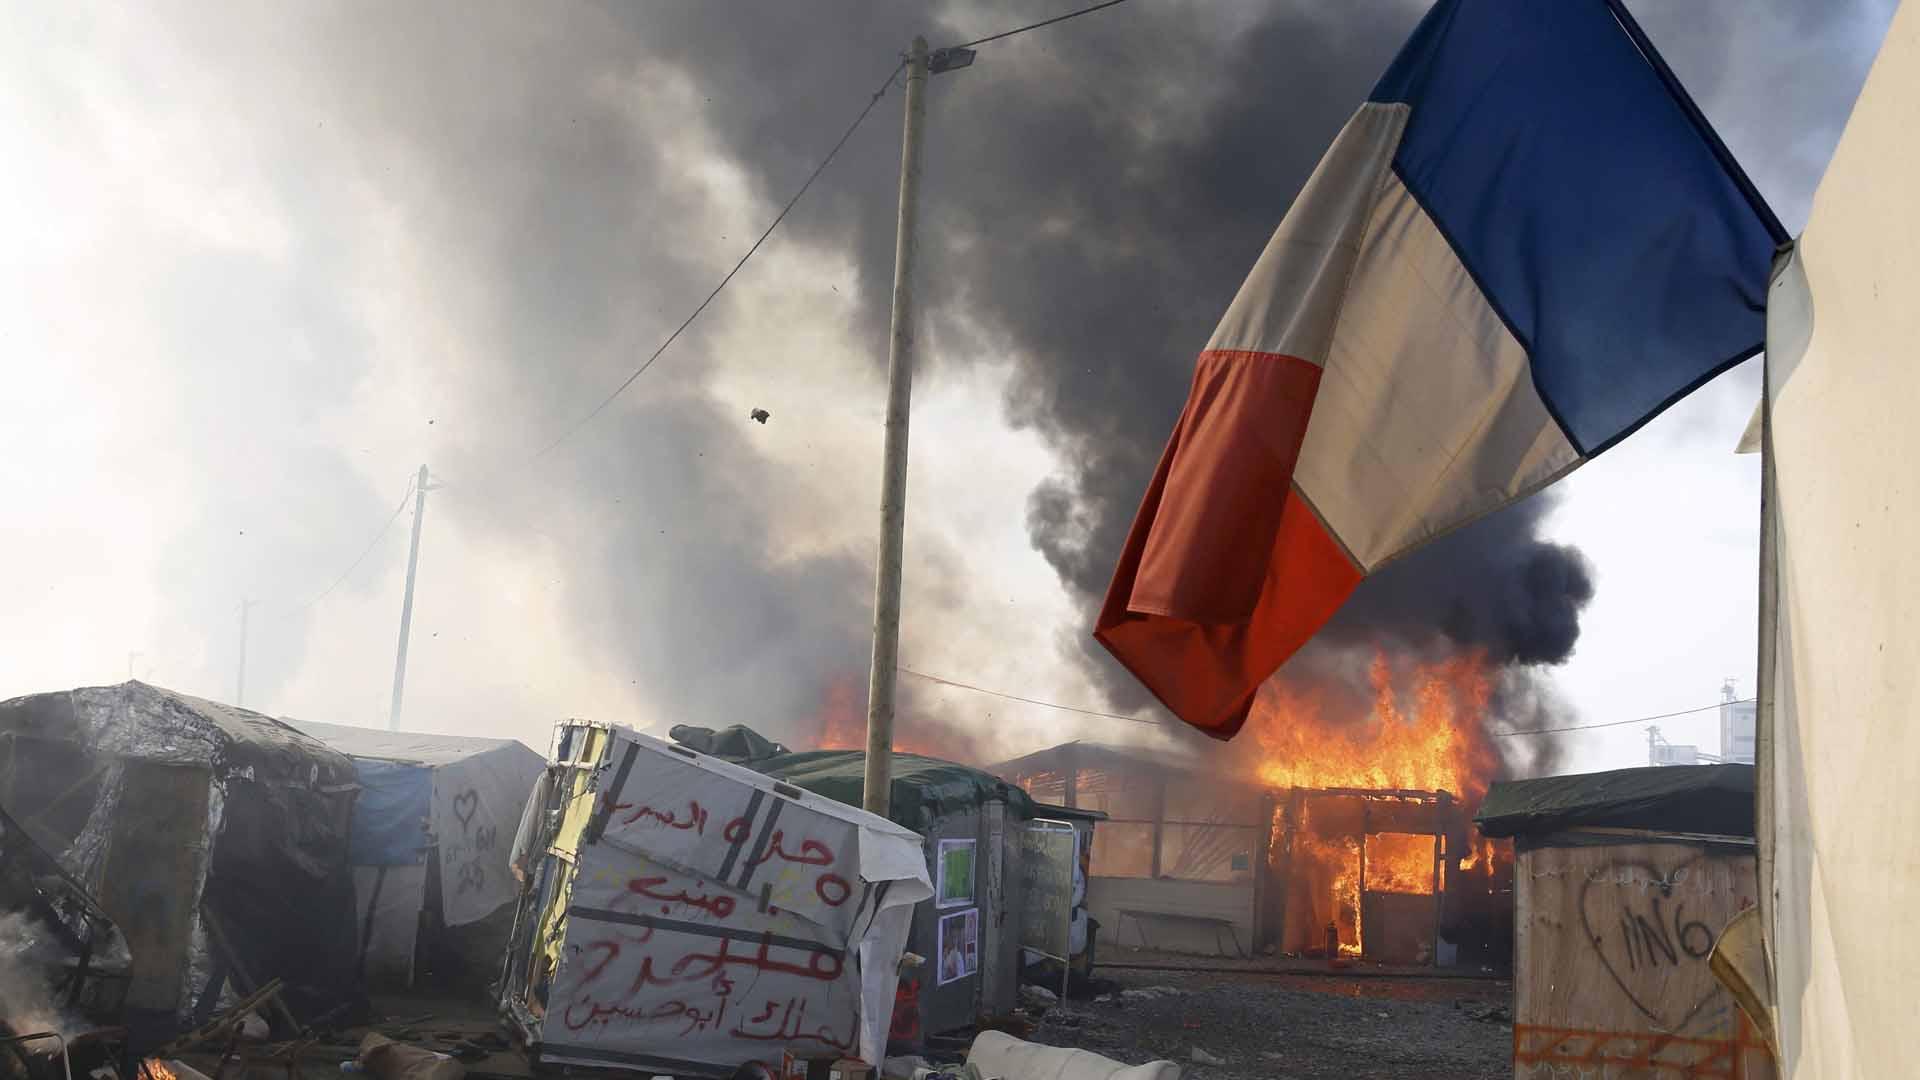 Desde este lunes en el campamento Calais desmantelan las tiendas de campaña y trasladan a los inmigrantes a otros espacios